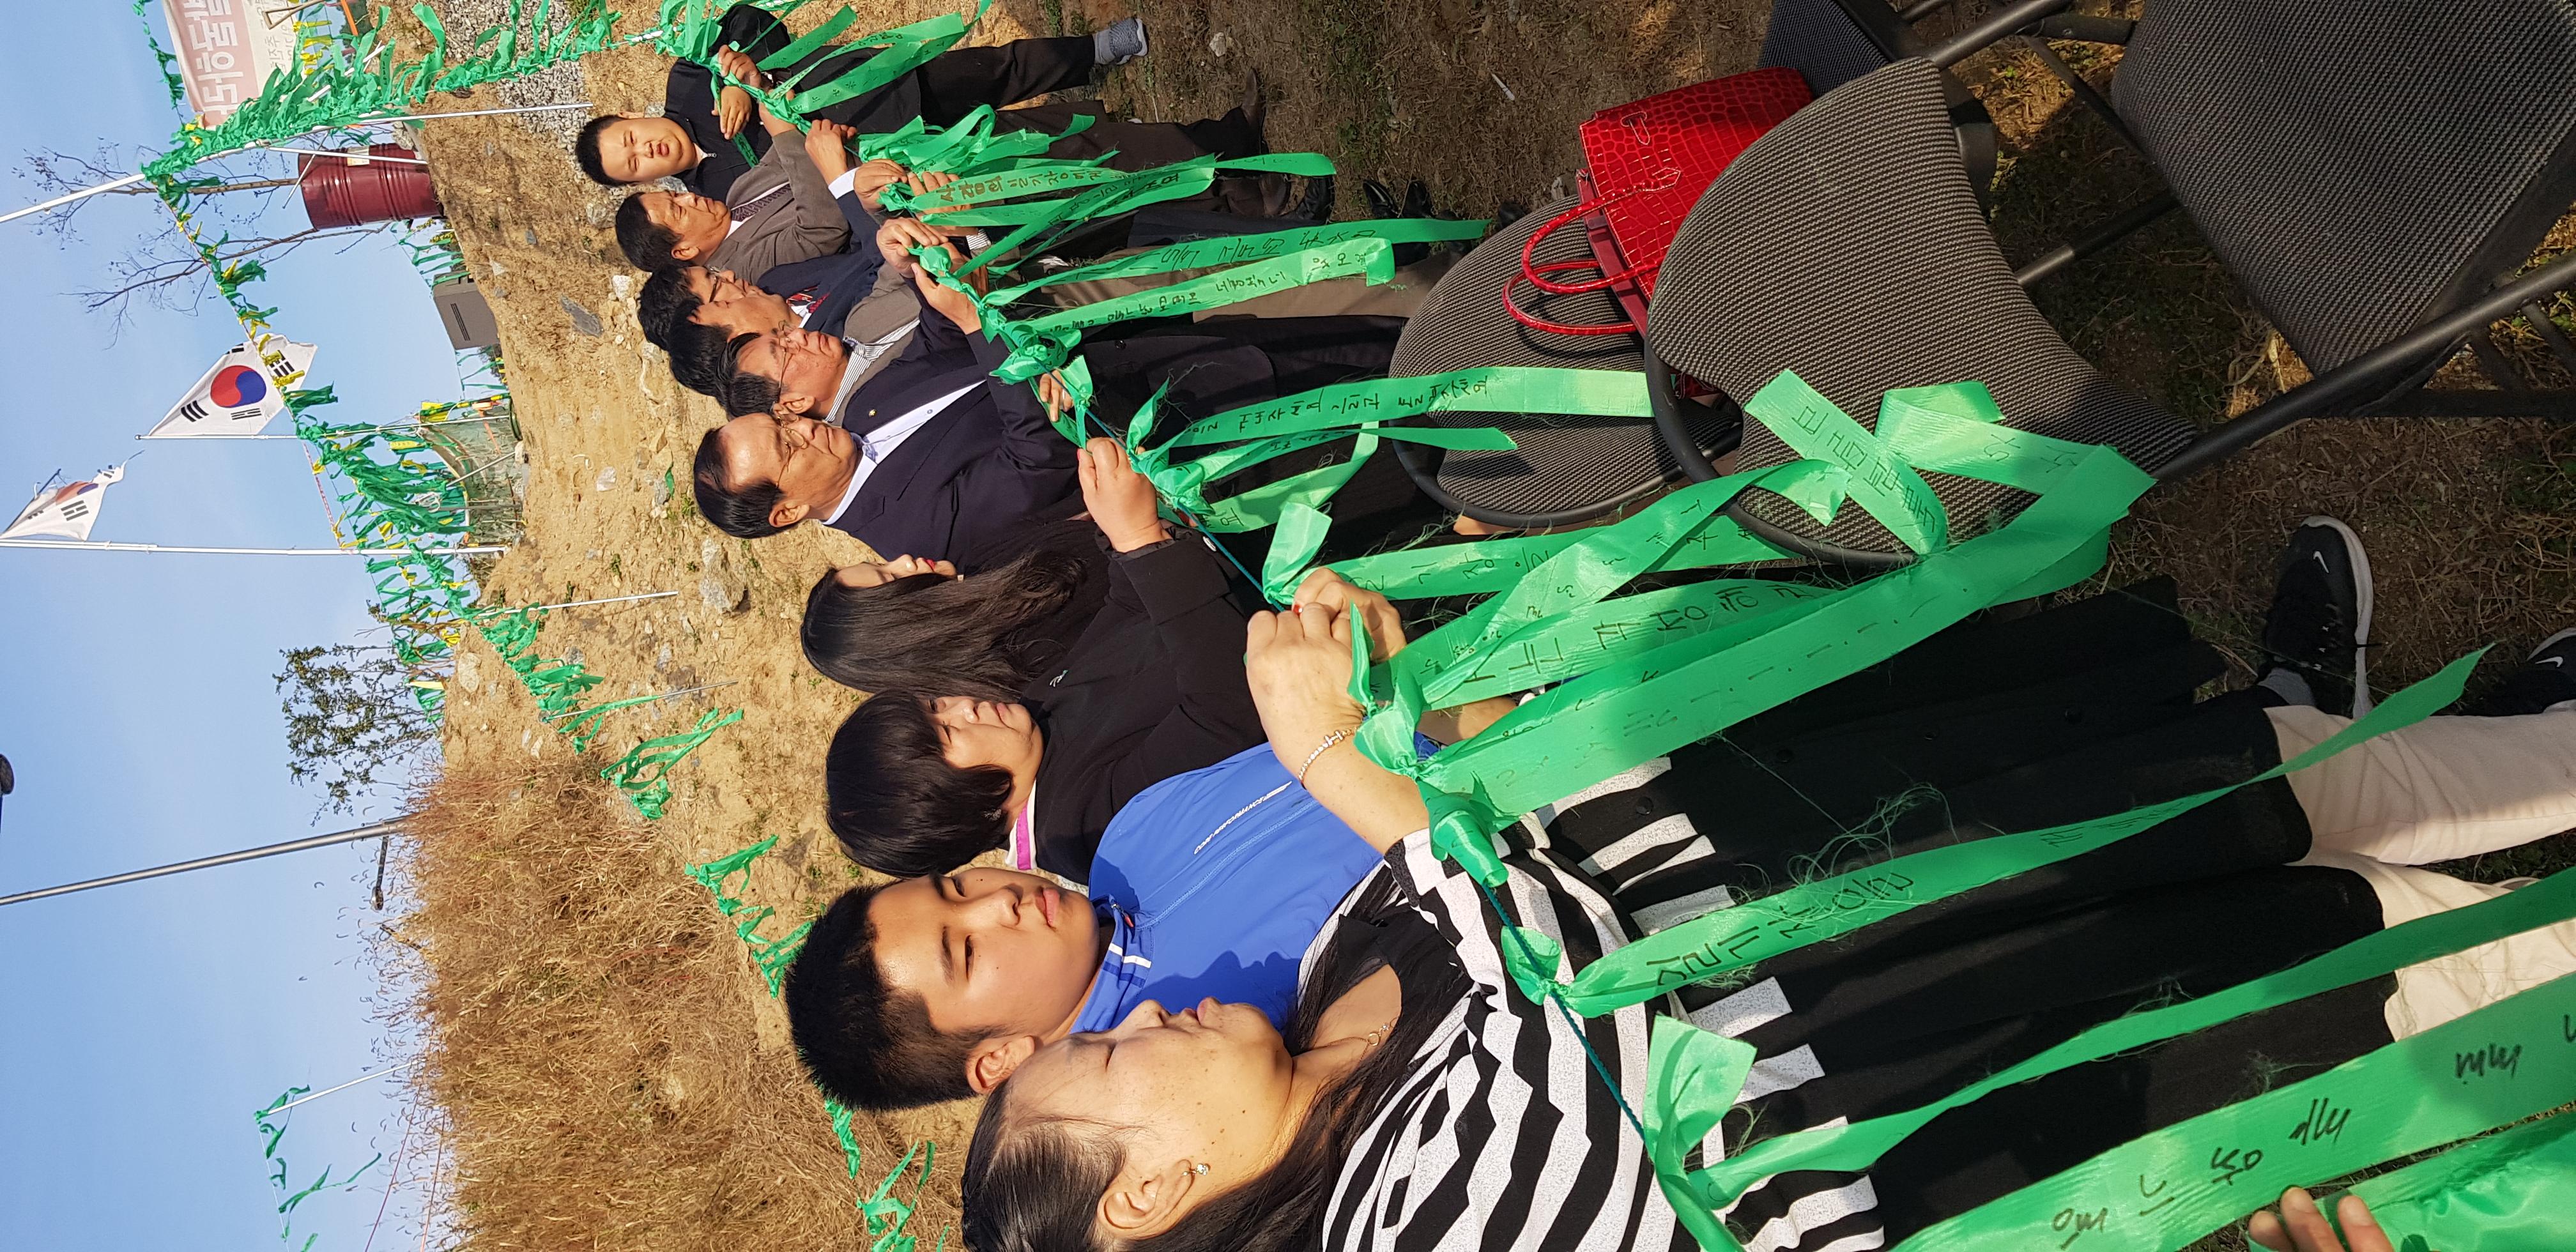 사랑의 일기 박믈관 대참사 3년,  김중록 바른미래당 국회의원 일행은 지난 26일  사랑의 일기 박물관 재 건립을 희망하는 가족 등 50여명과 함께 초록희망리본 달기에 동참했다.  서중권 기자